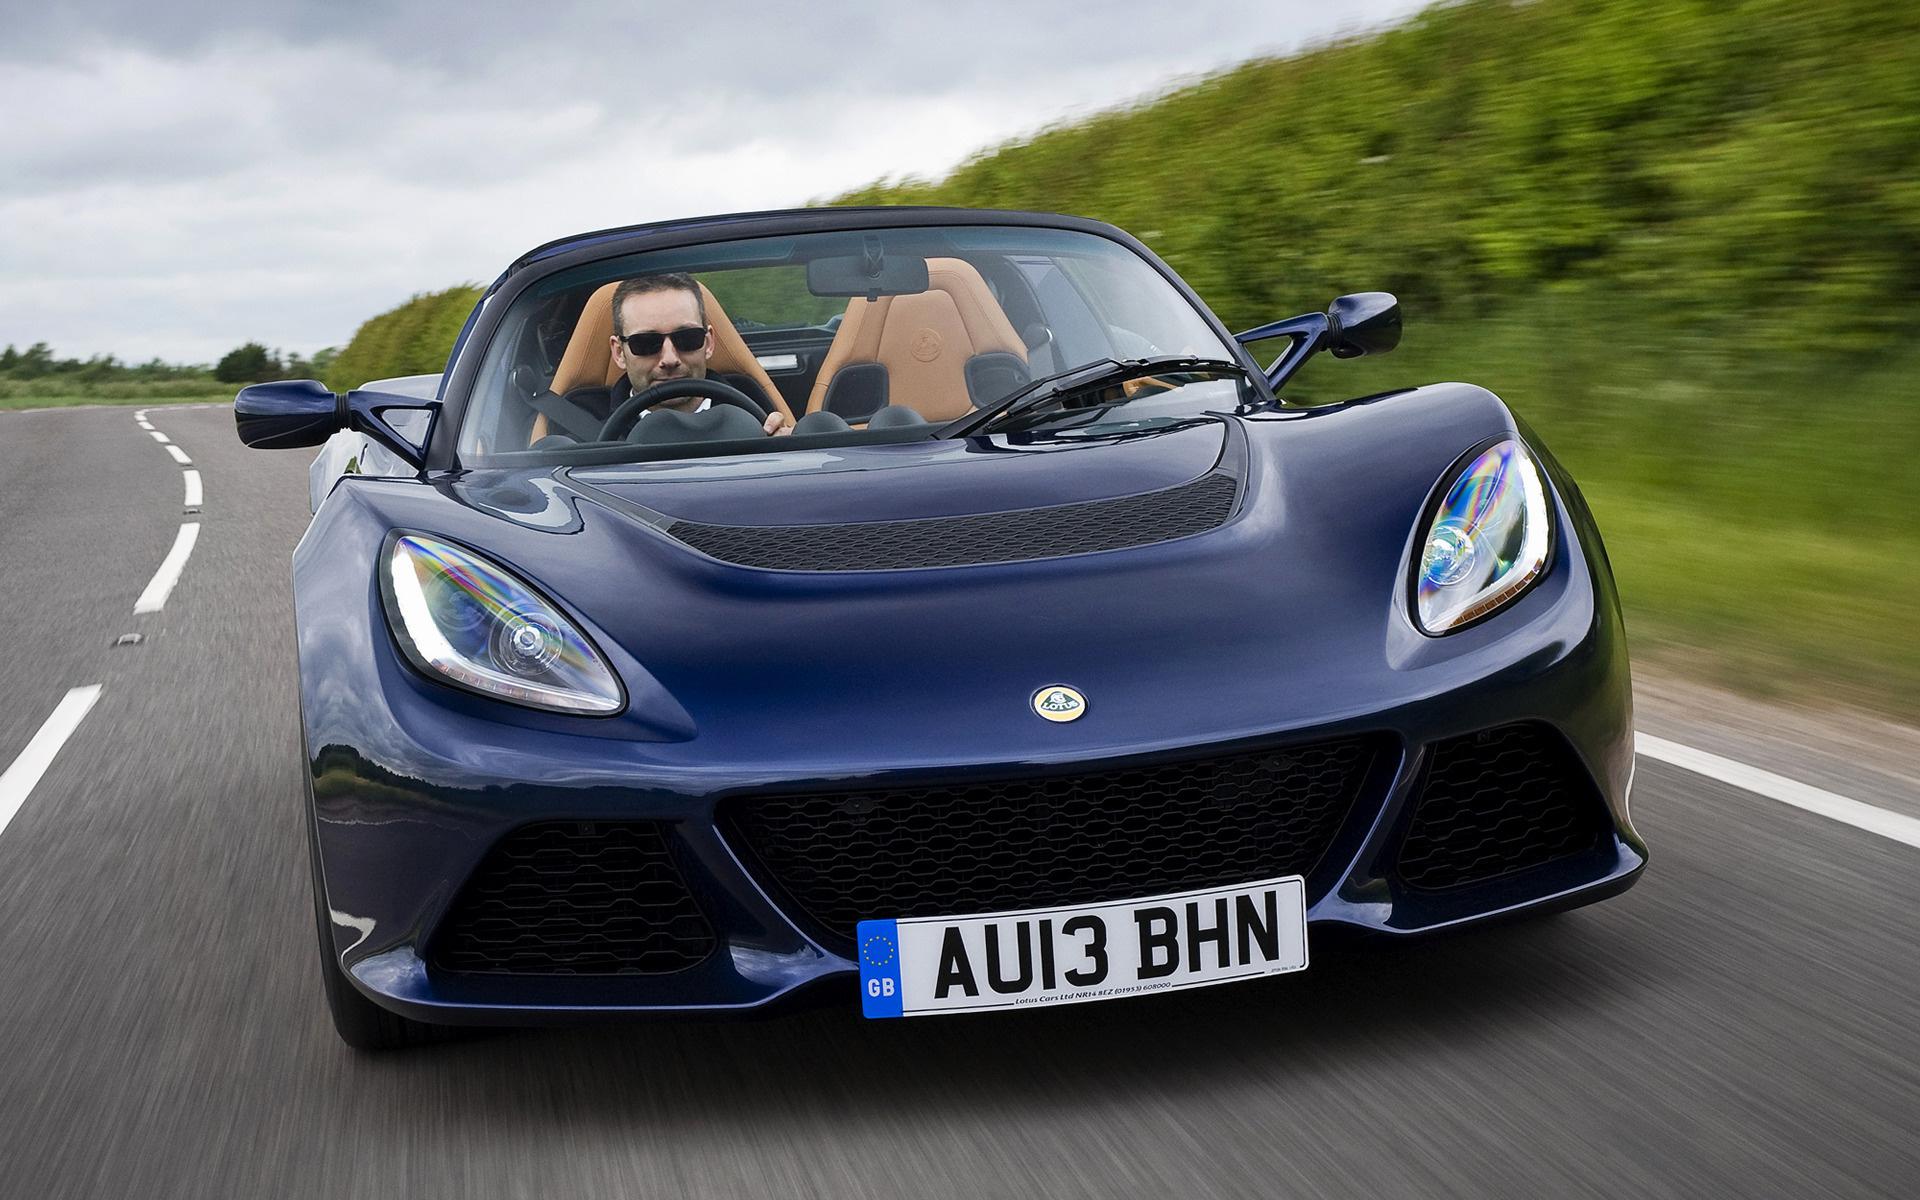 https://www.carpixel.net/w/38bca286e258068f07f11fcad1ecd34a/lotus-exige-s-roadster-car-wallpaper-42014.jpg